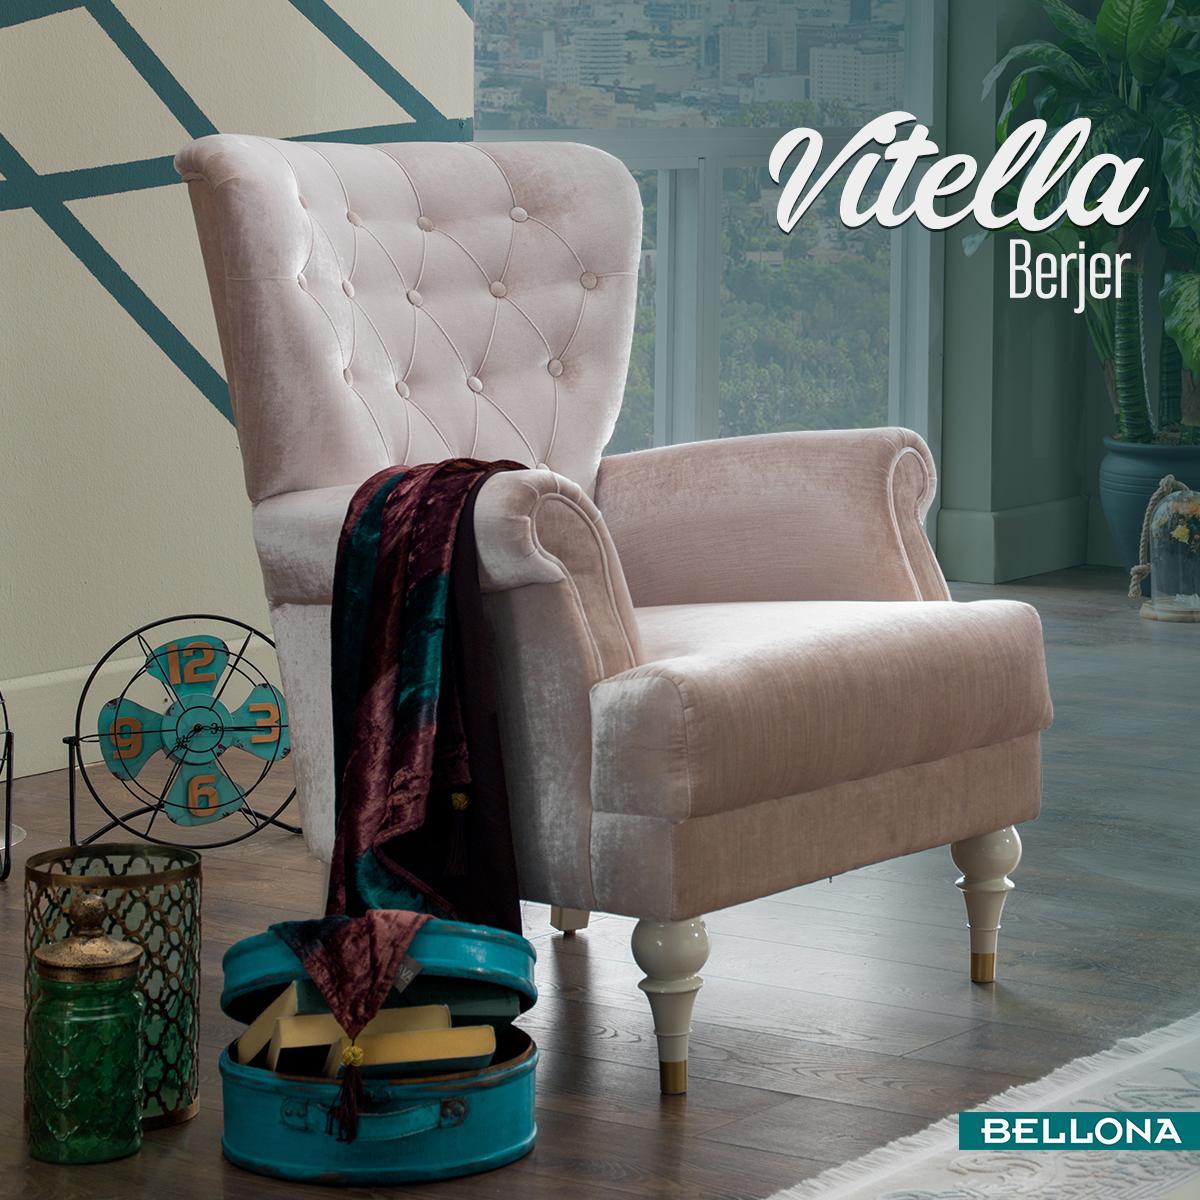 Sıcacık evinizde kendinize vakit ayırmak varken bu soğukta neden dışarı çıkasınız? ☕🏠  Siz de @bellona'yı etiketleyerek ve #BenimBellonam hashtagini kullanarak, içimizi ısıtan Bellona'larınızı bizimle paylaşabilir, sayfamızın konuğu olabilirsiniz. 💙 http://bit.ly/VitellaBerjer